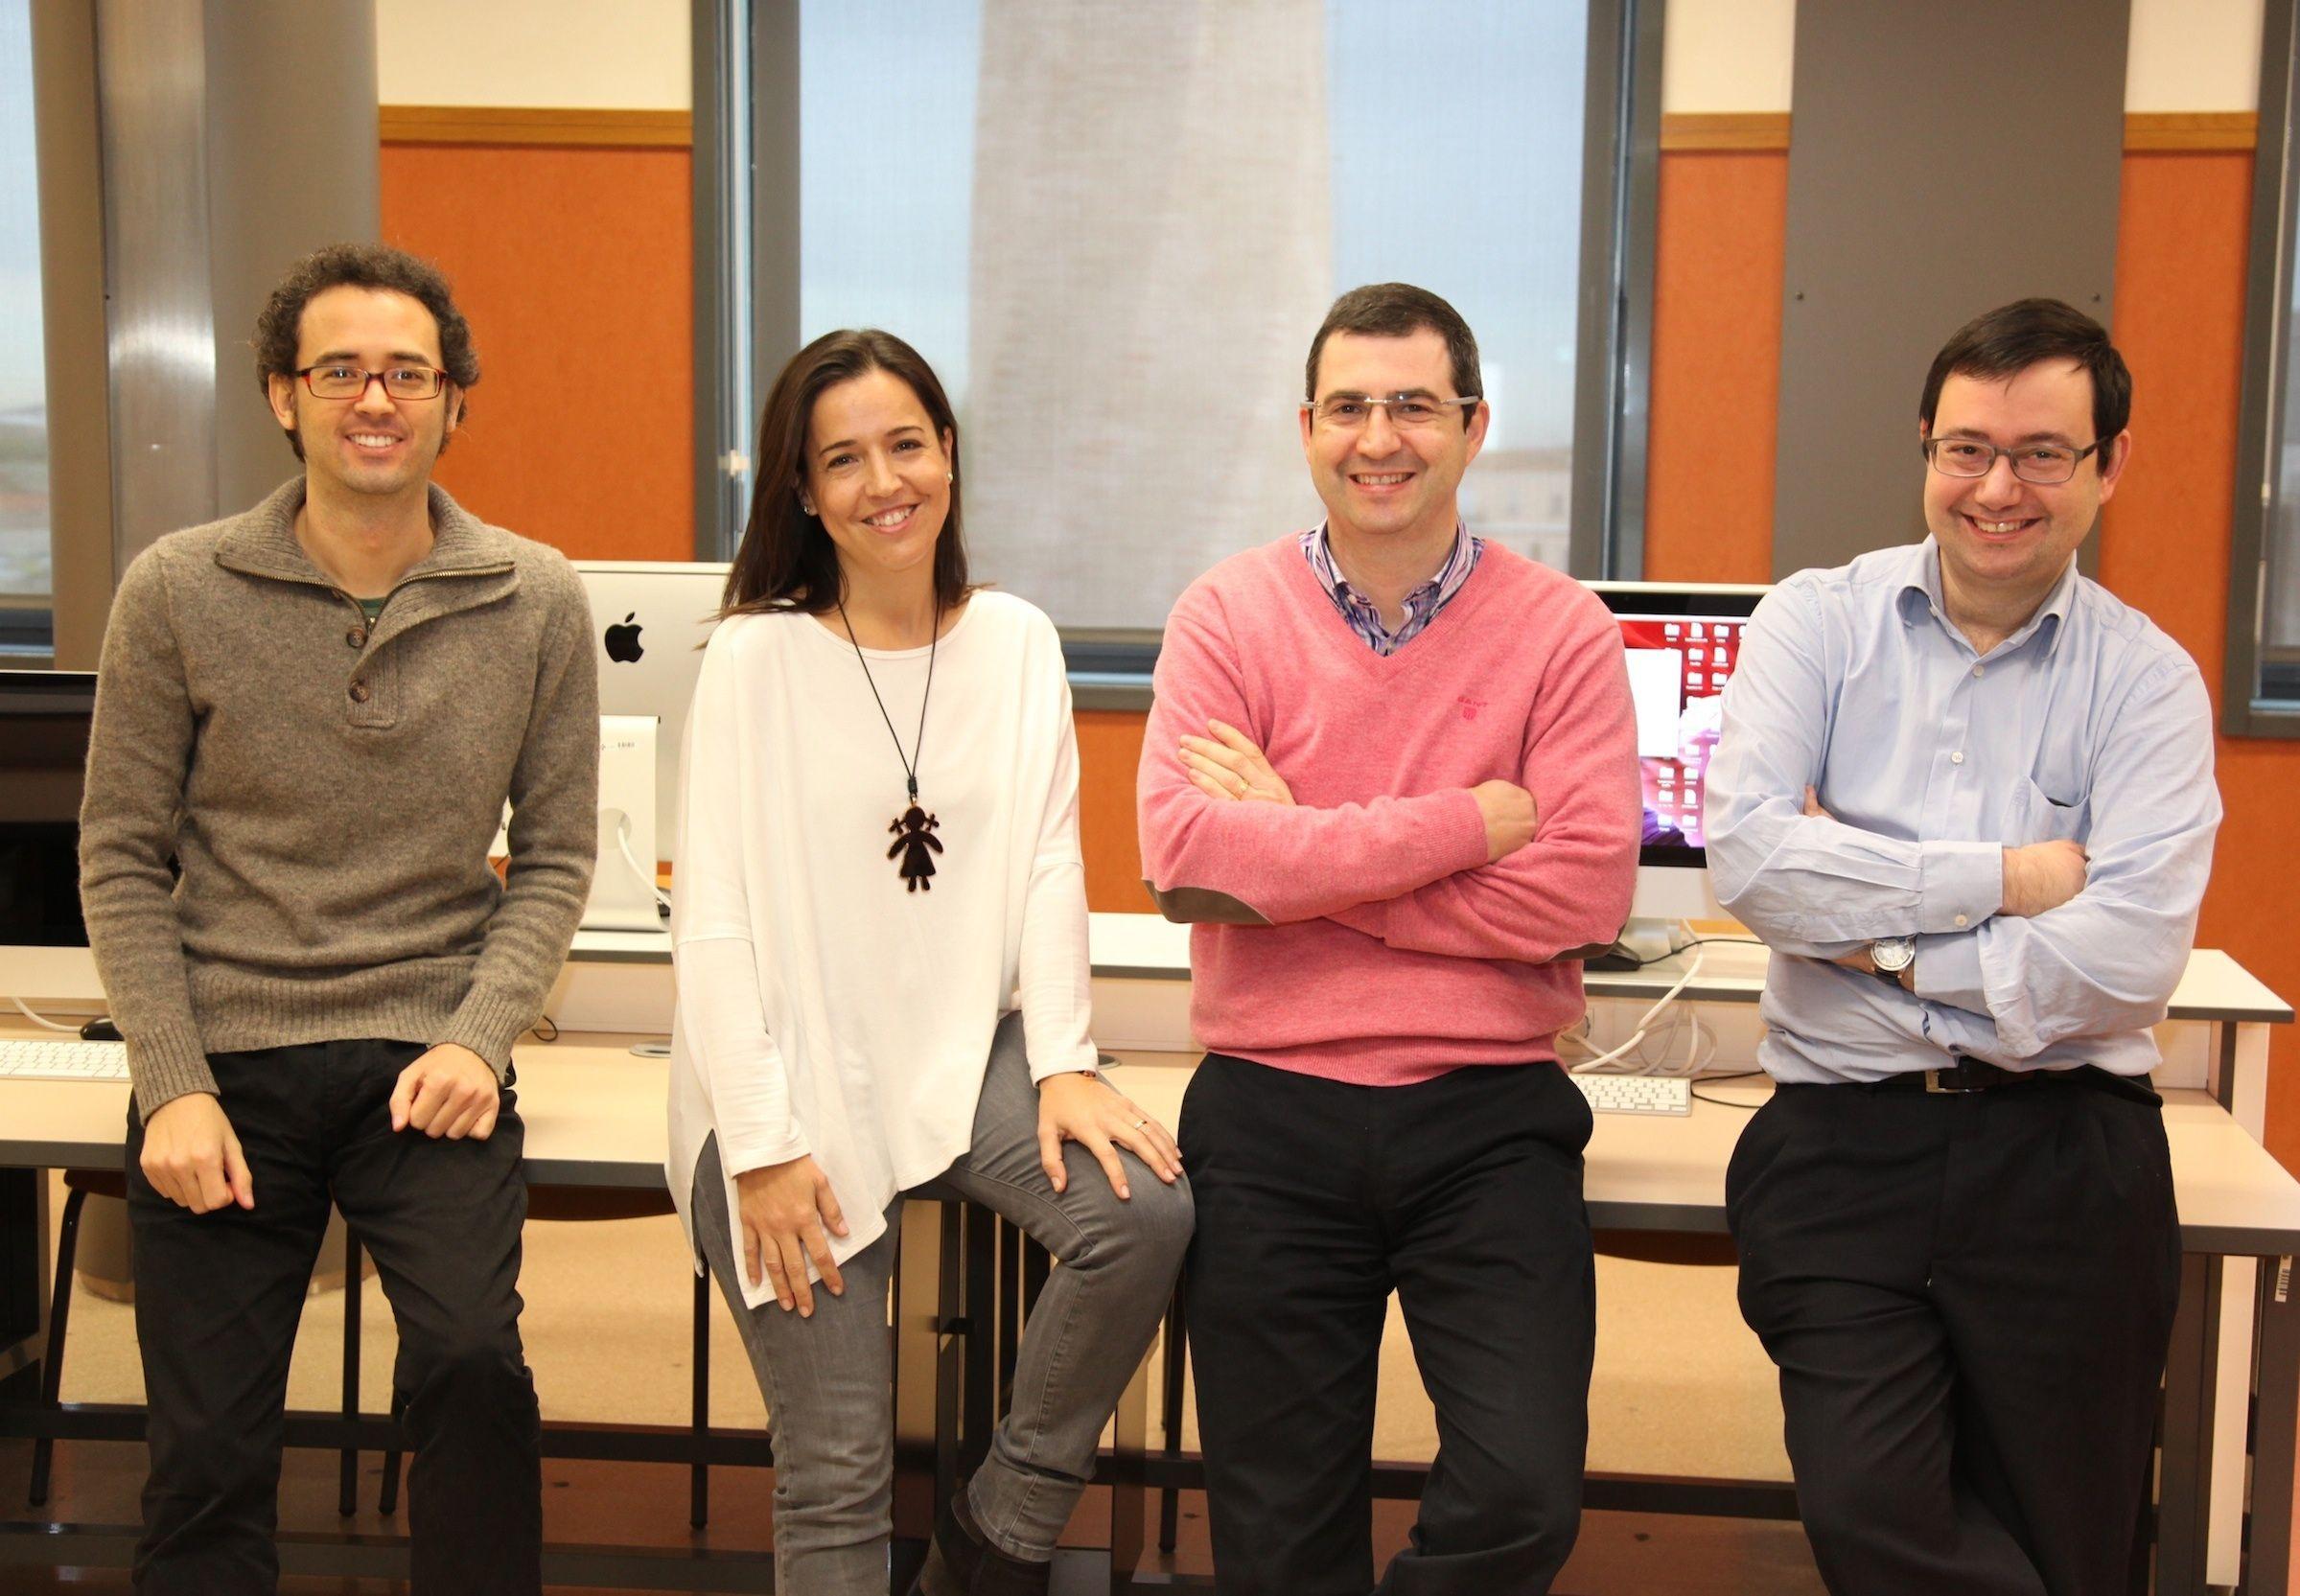 Los investigadores Francisco Zamora y Paloma Botella y los profesores del CEU-UCH Juan Pardo y Javier Muñoz, miembros del Grupo ESAI y autores de la investigación.